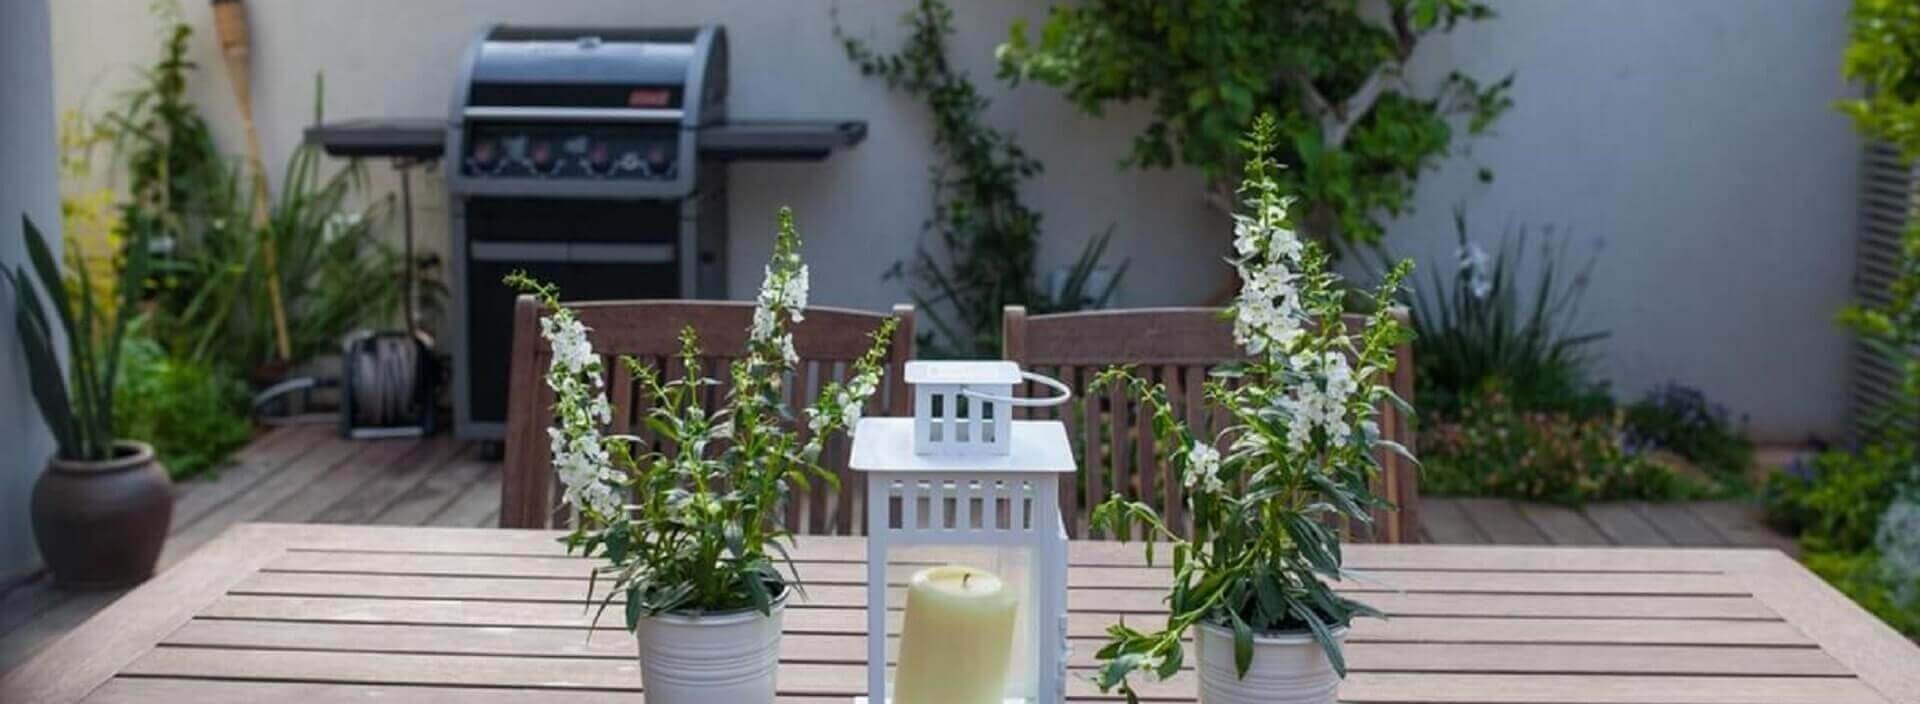 כל מה שרציתם לדעת על מטבח לברבקיו בגינה